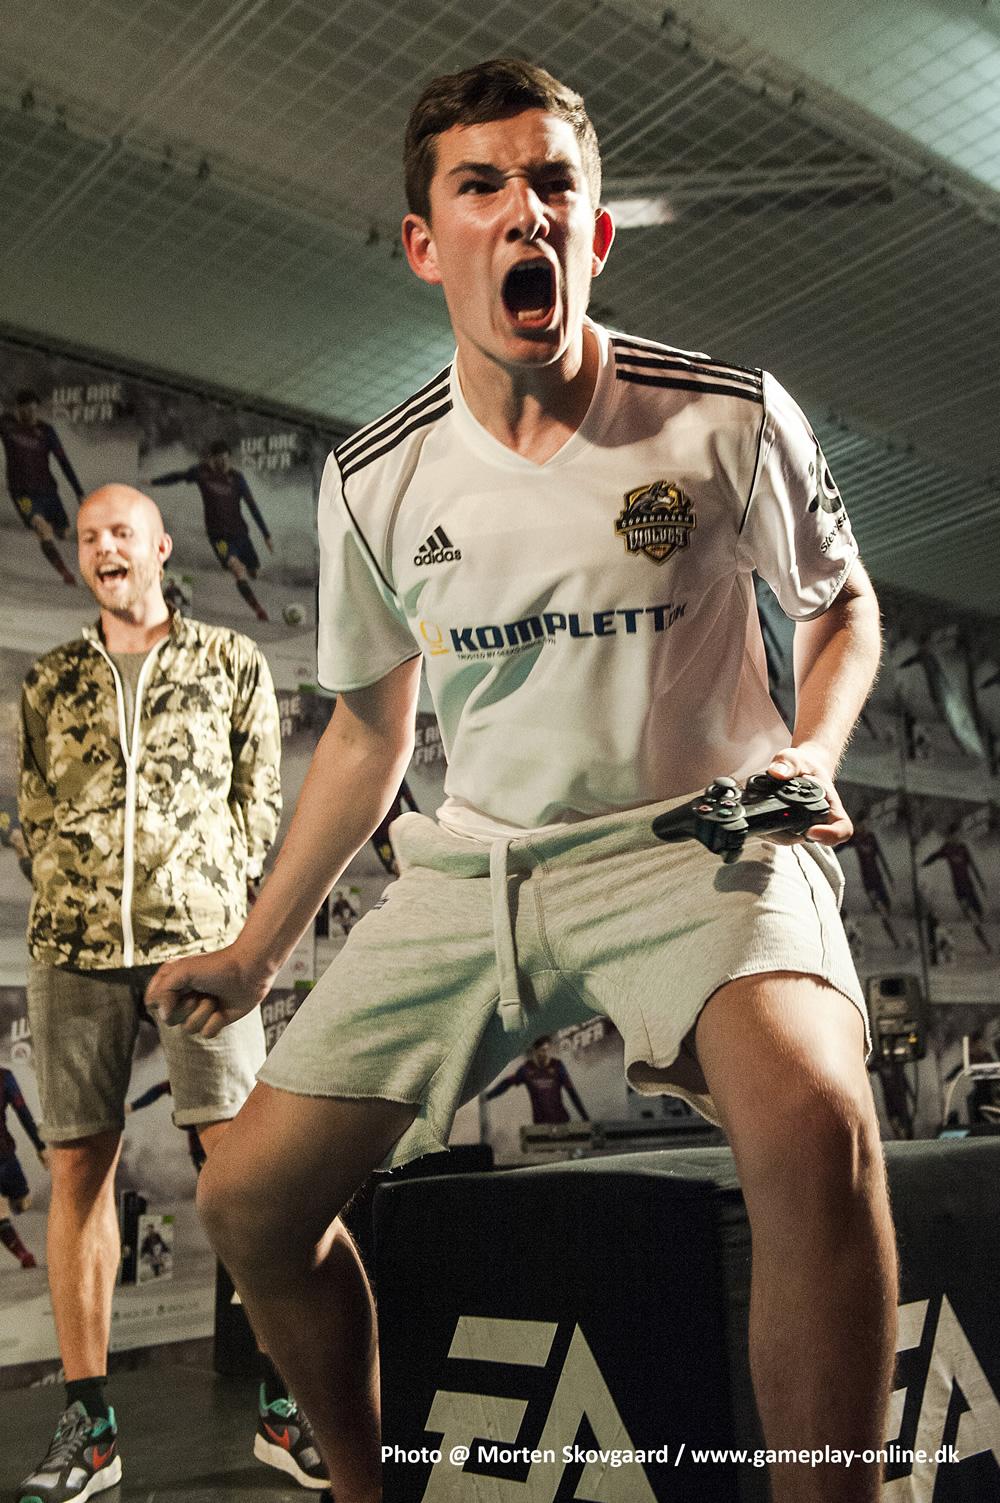 FIFA DM2013 August Rosenmeier